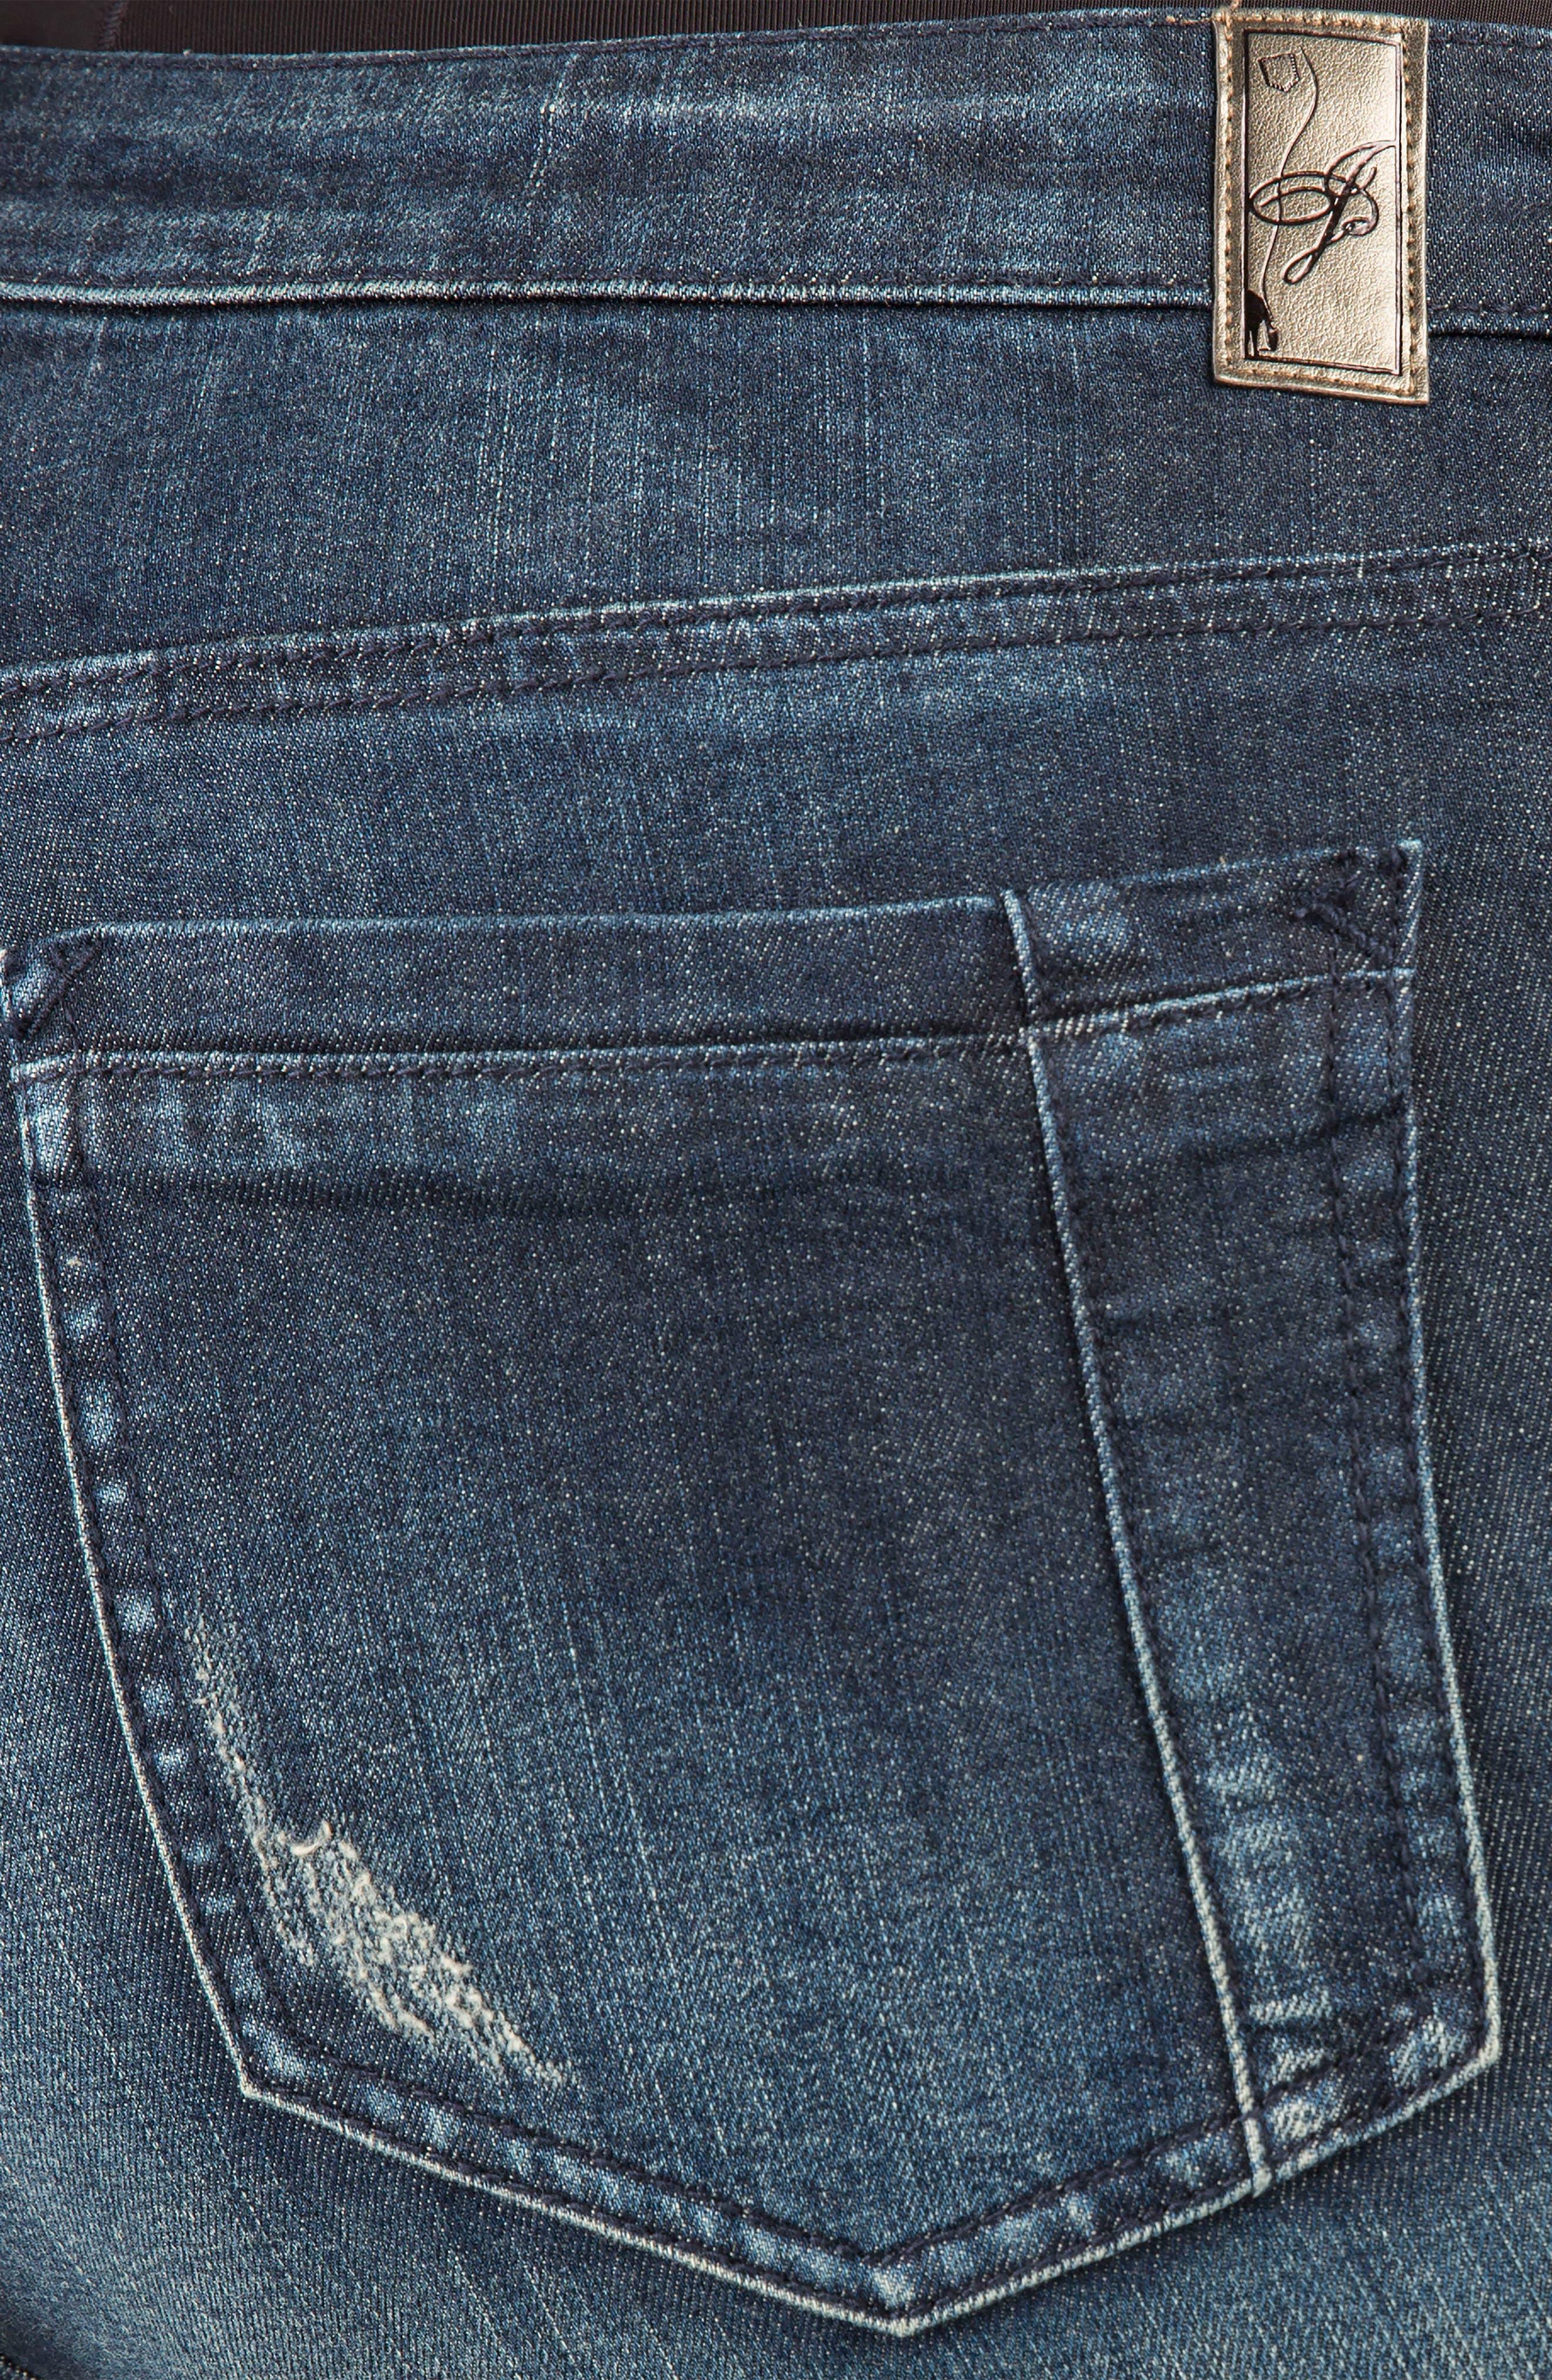 Kylie Curvy Fit Flare Leg Jeans,                             Alternate thumbnail 4, color,                             2942 UNFORGIVEN DARK BLUE